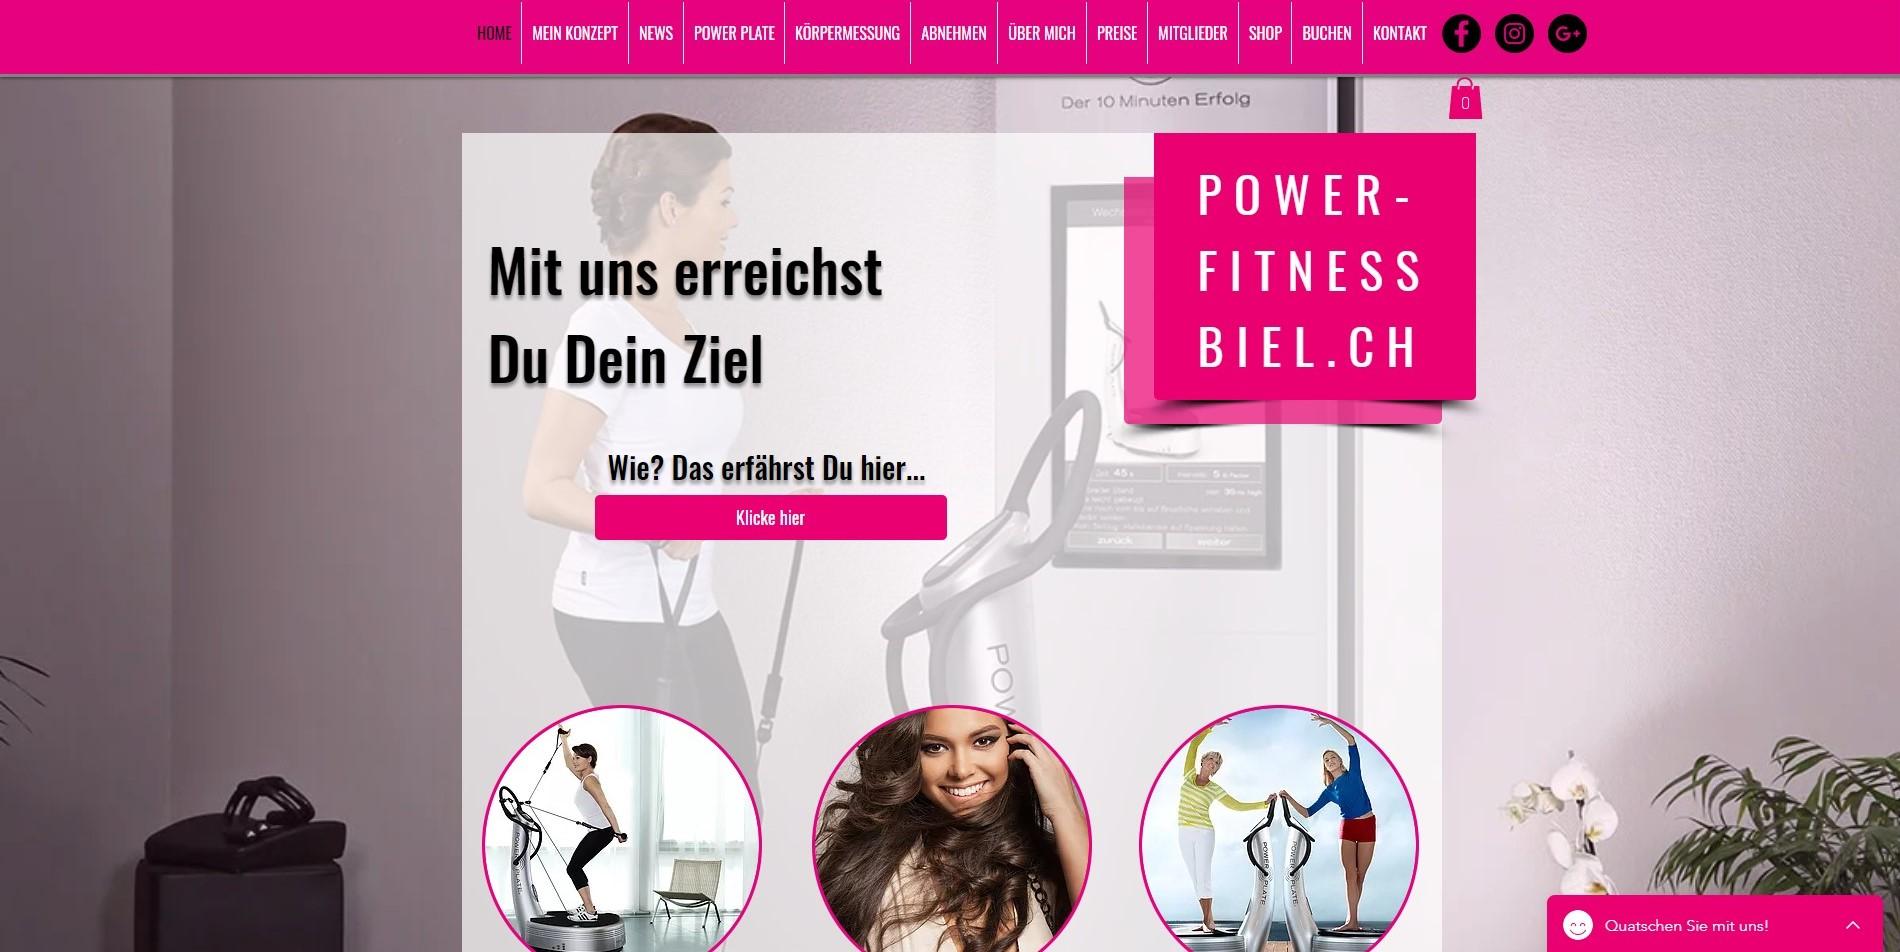 homepage_für_power_fitness_biel